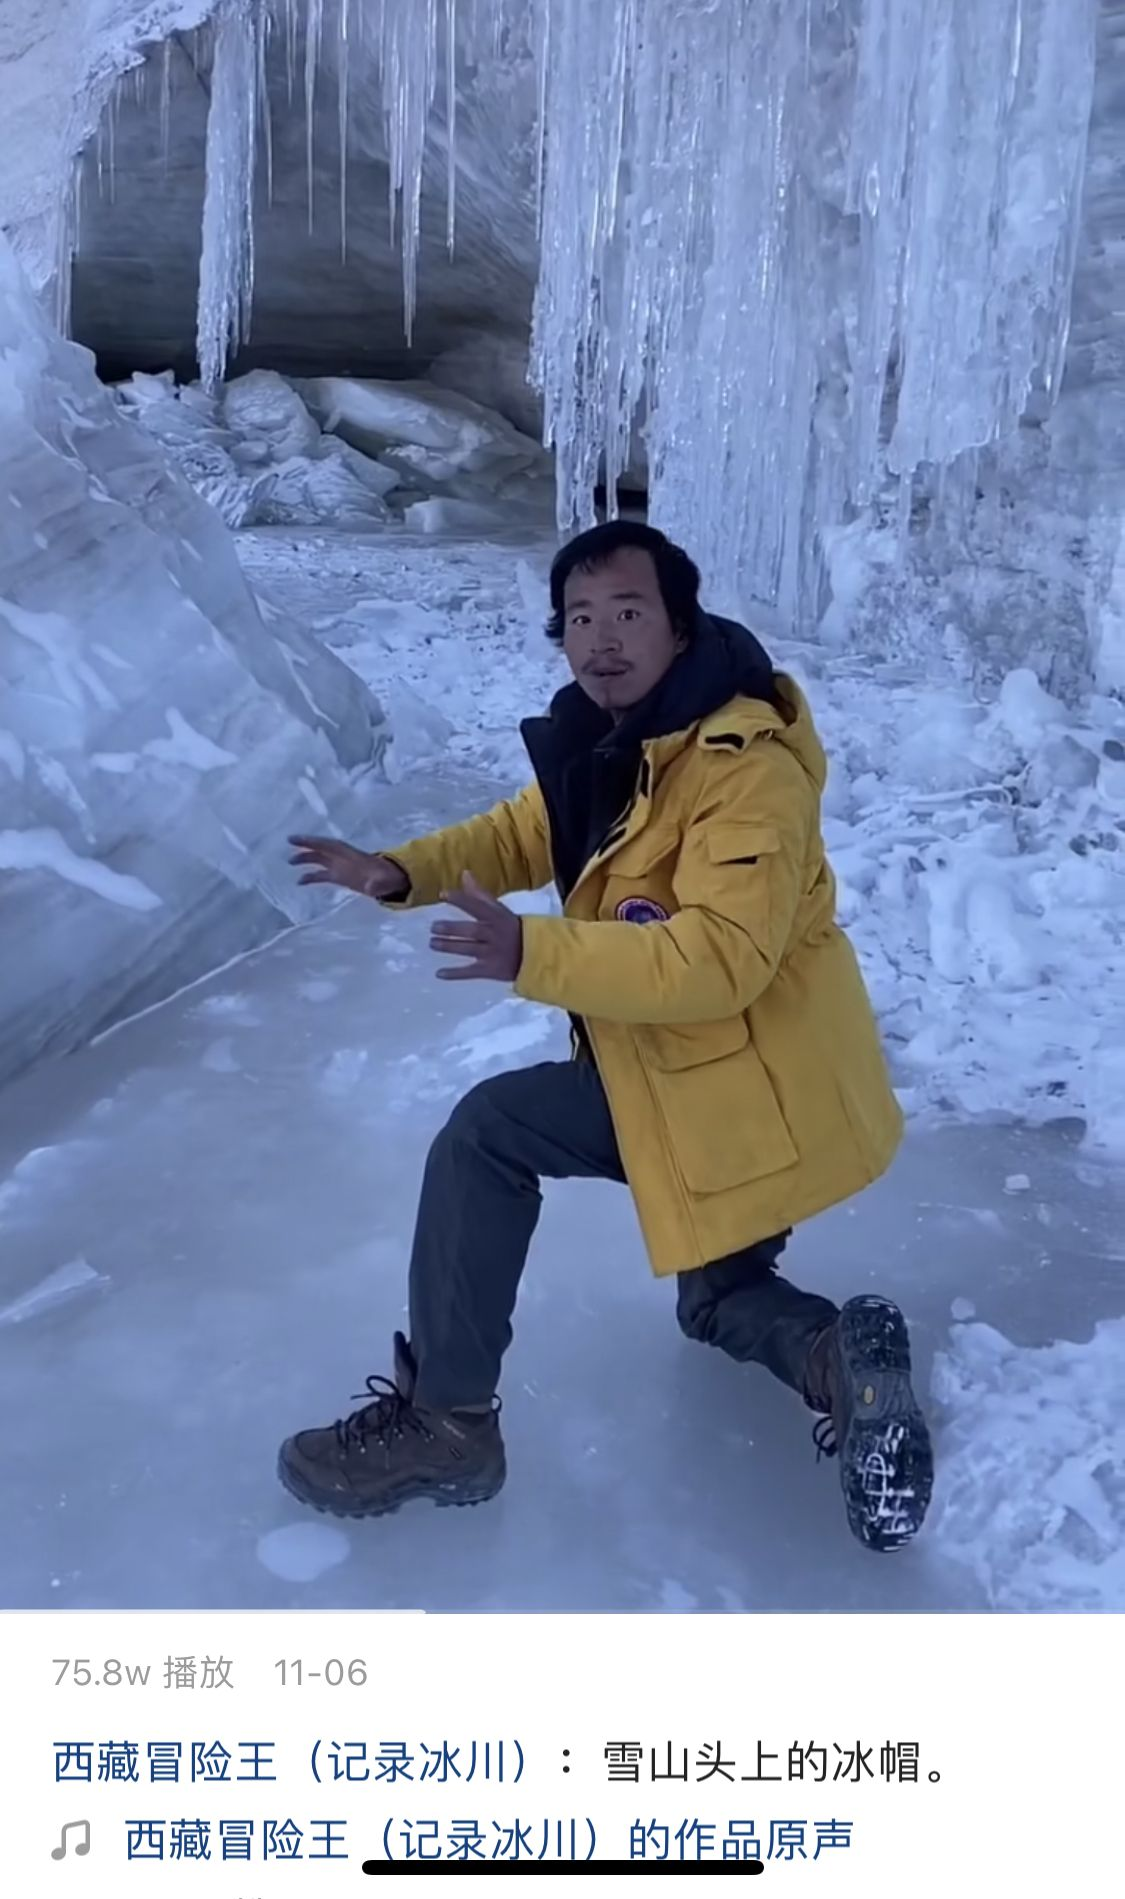 """""""冰川哥""""王相军在西藏探险时落水失踪,应急管理局:仍在搜救中"""